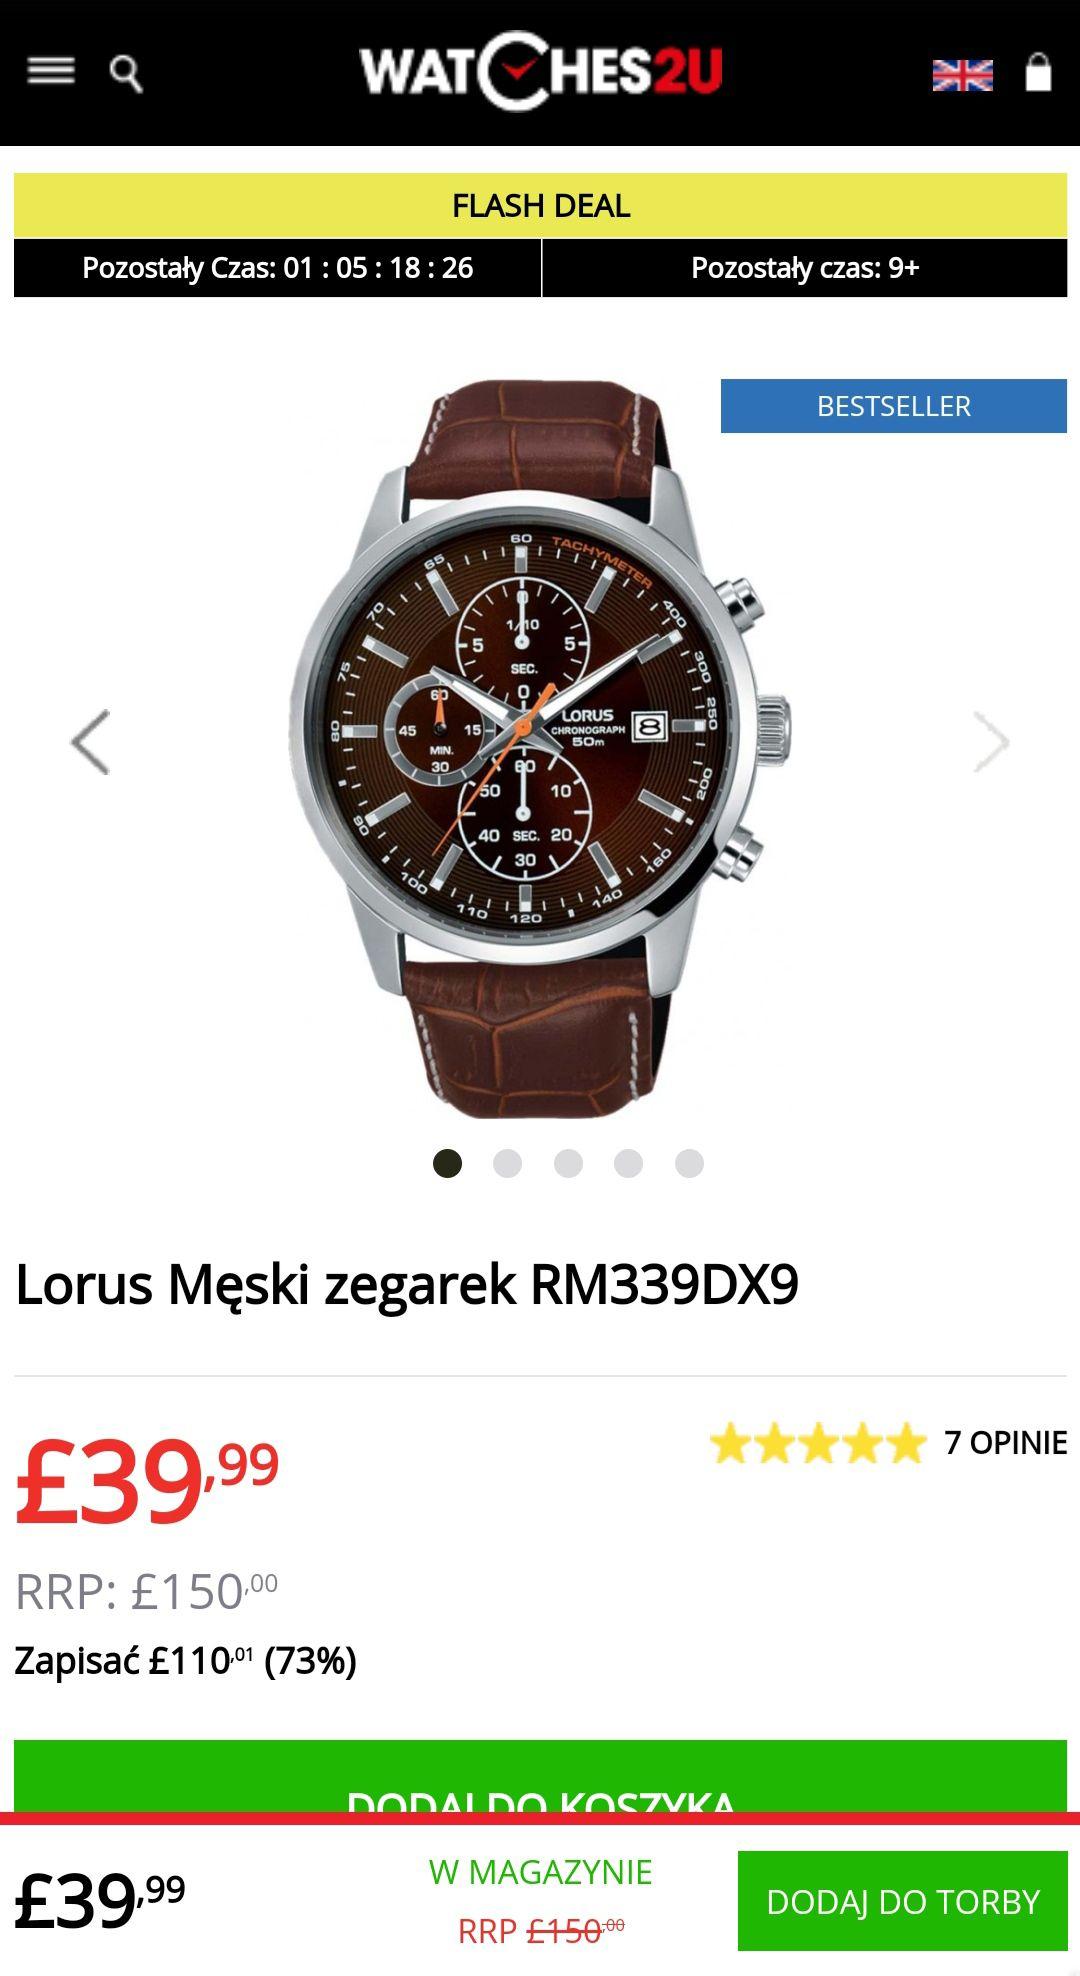 Lorus męski zegarek rm339dx9 £39,99